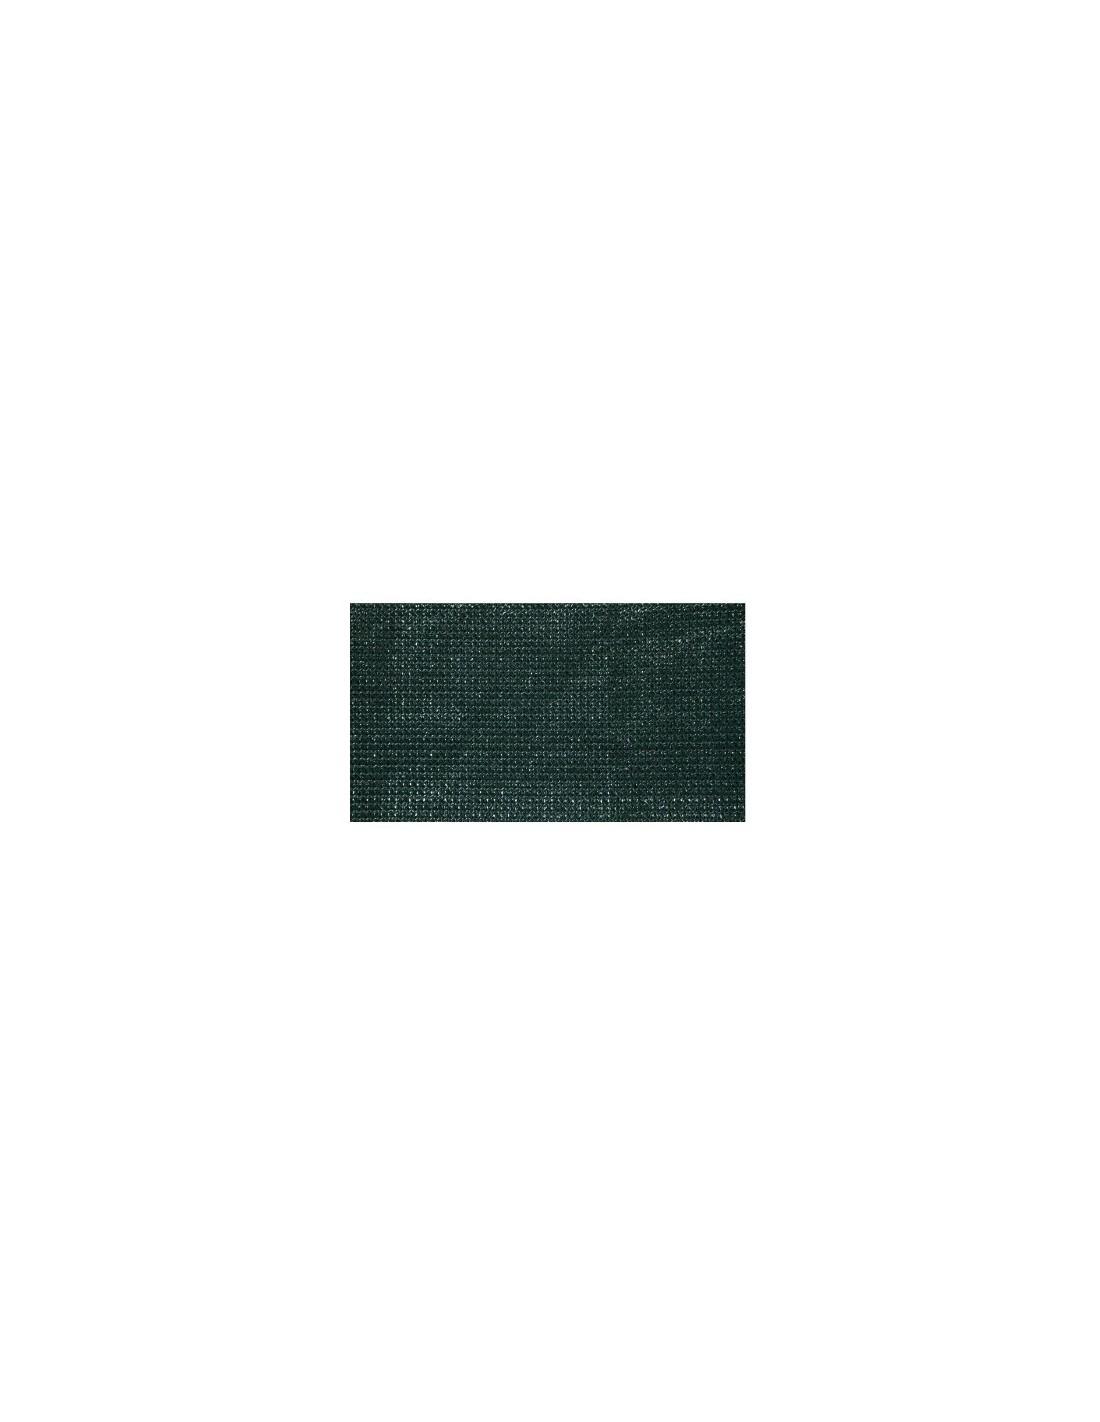 brise vue vert occultation totale vg 1 x 10. Black Bedroom Furniture Sets. Home Design Ideas